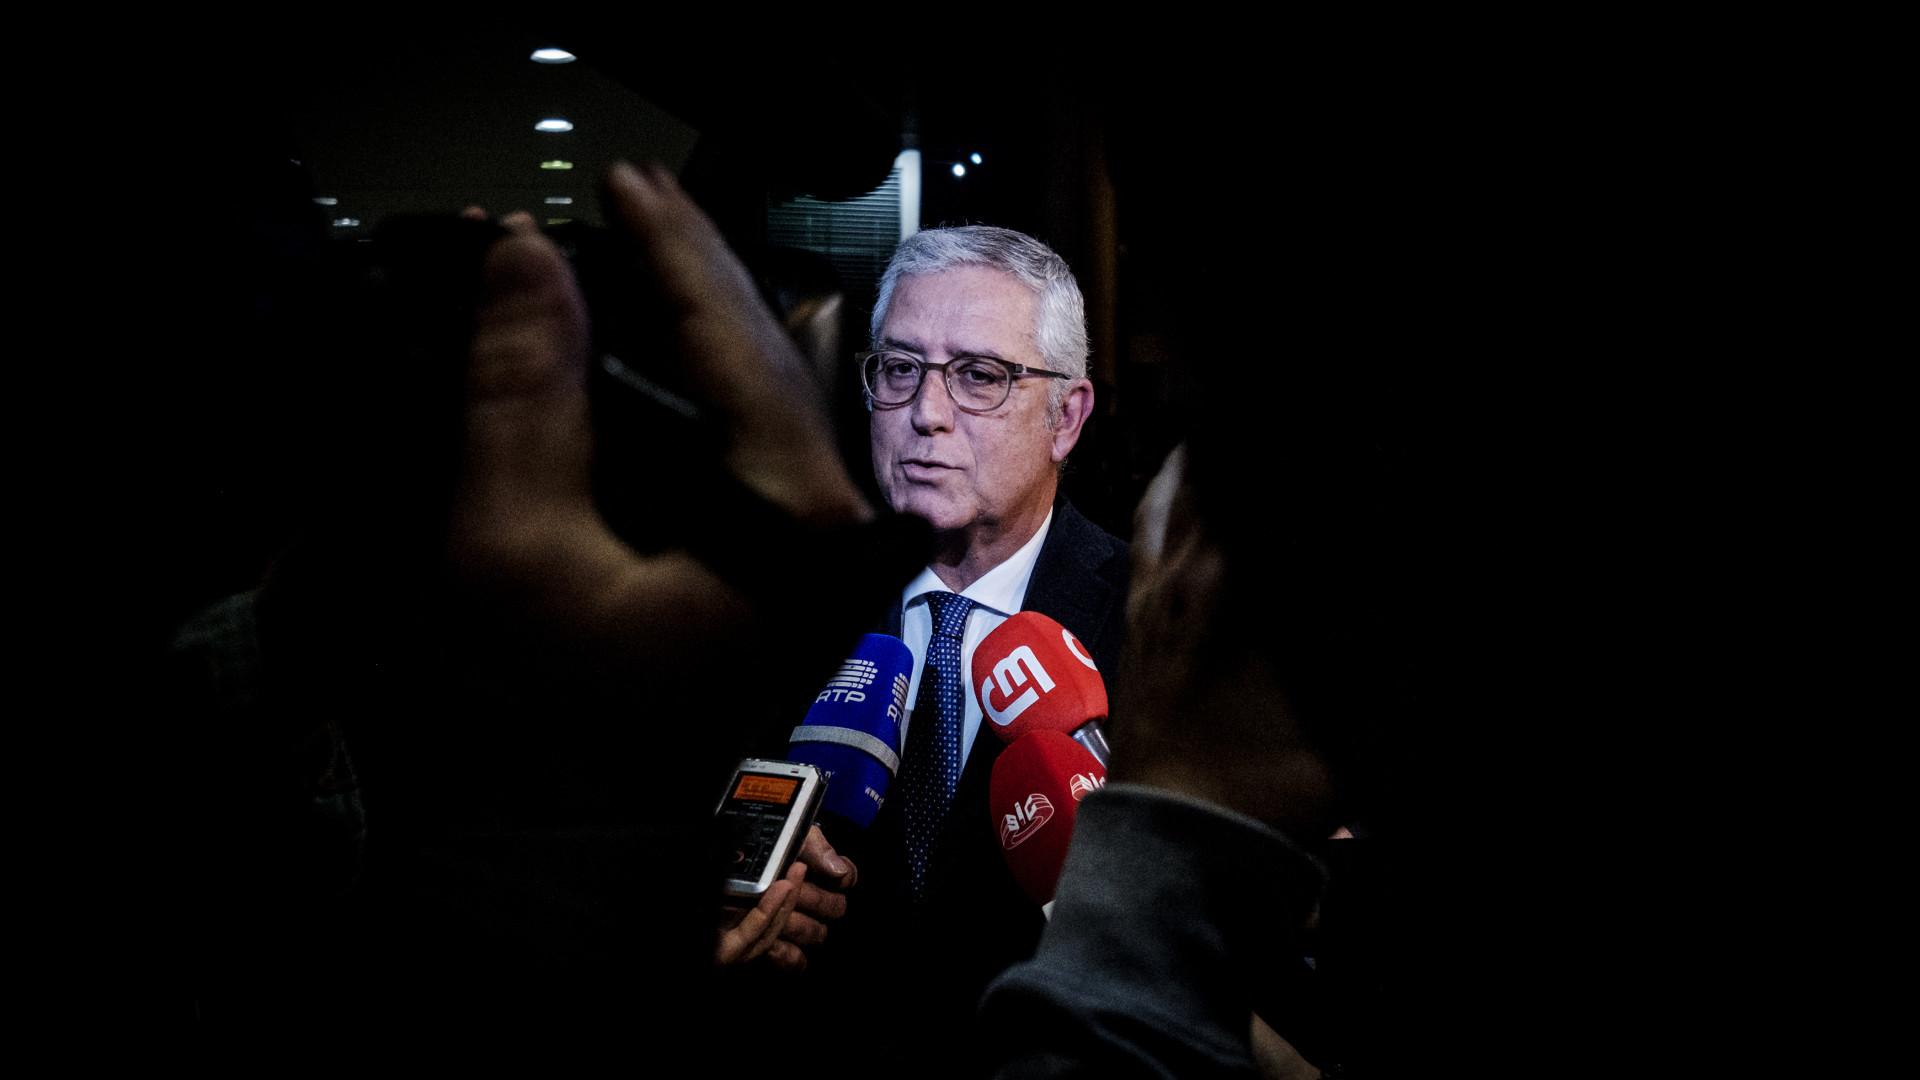 Líder parlamentar do PSD admite revisão constitucional